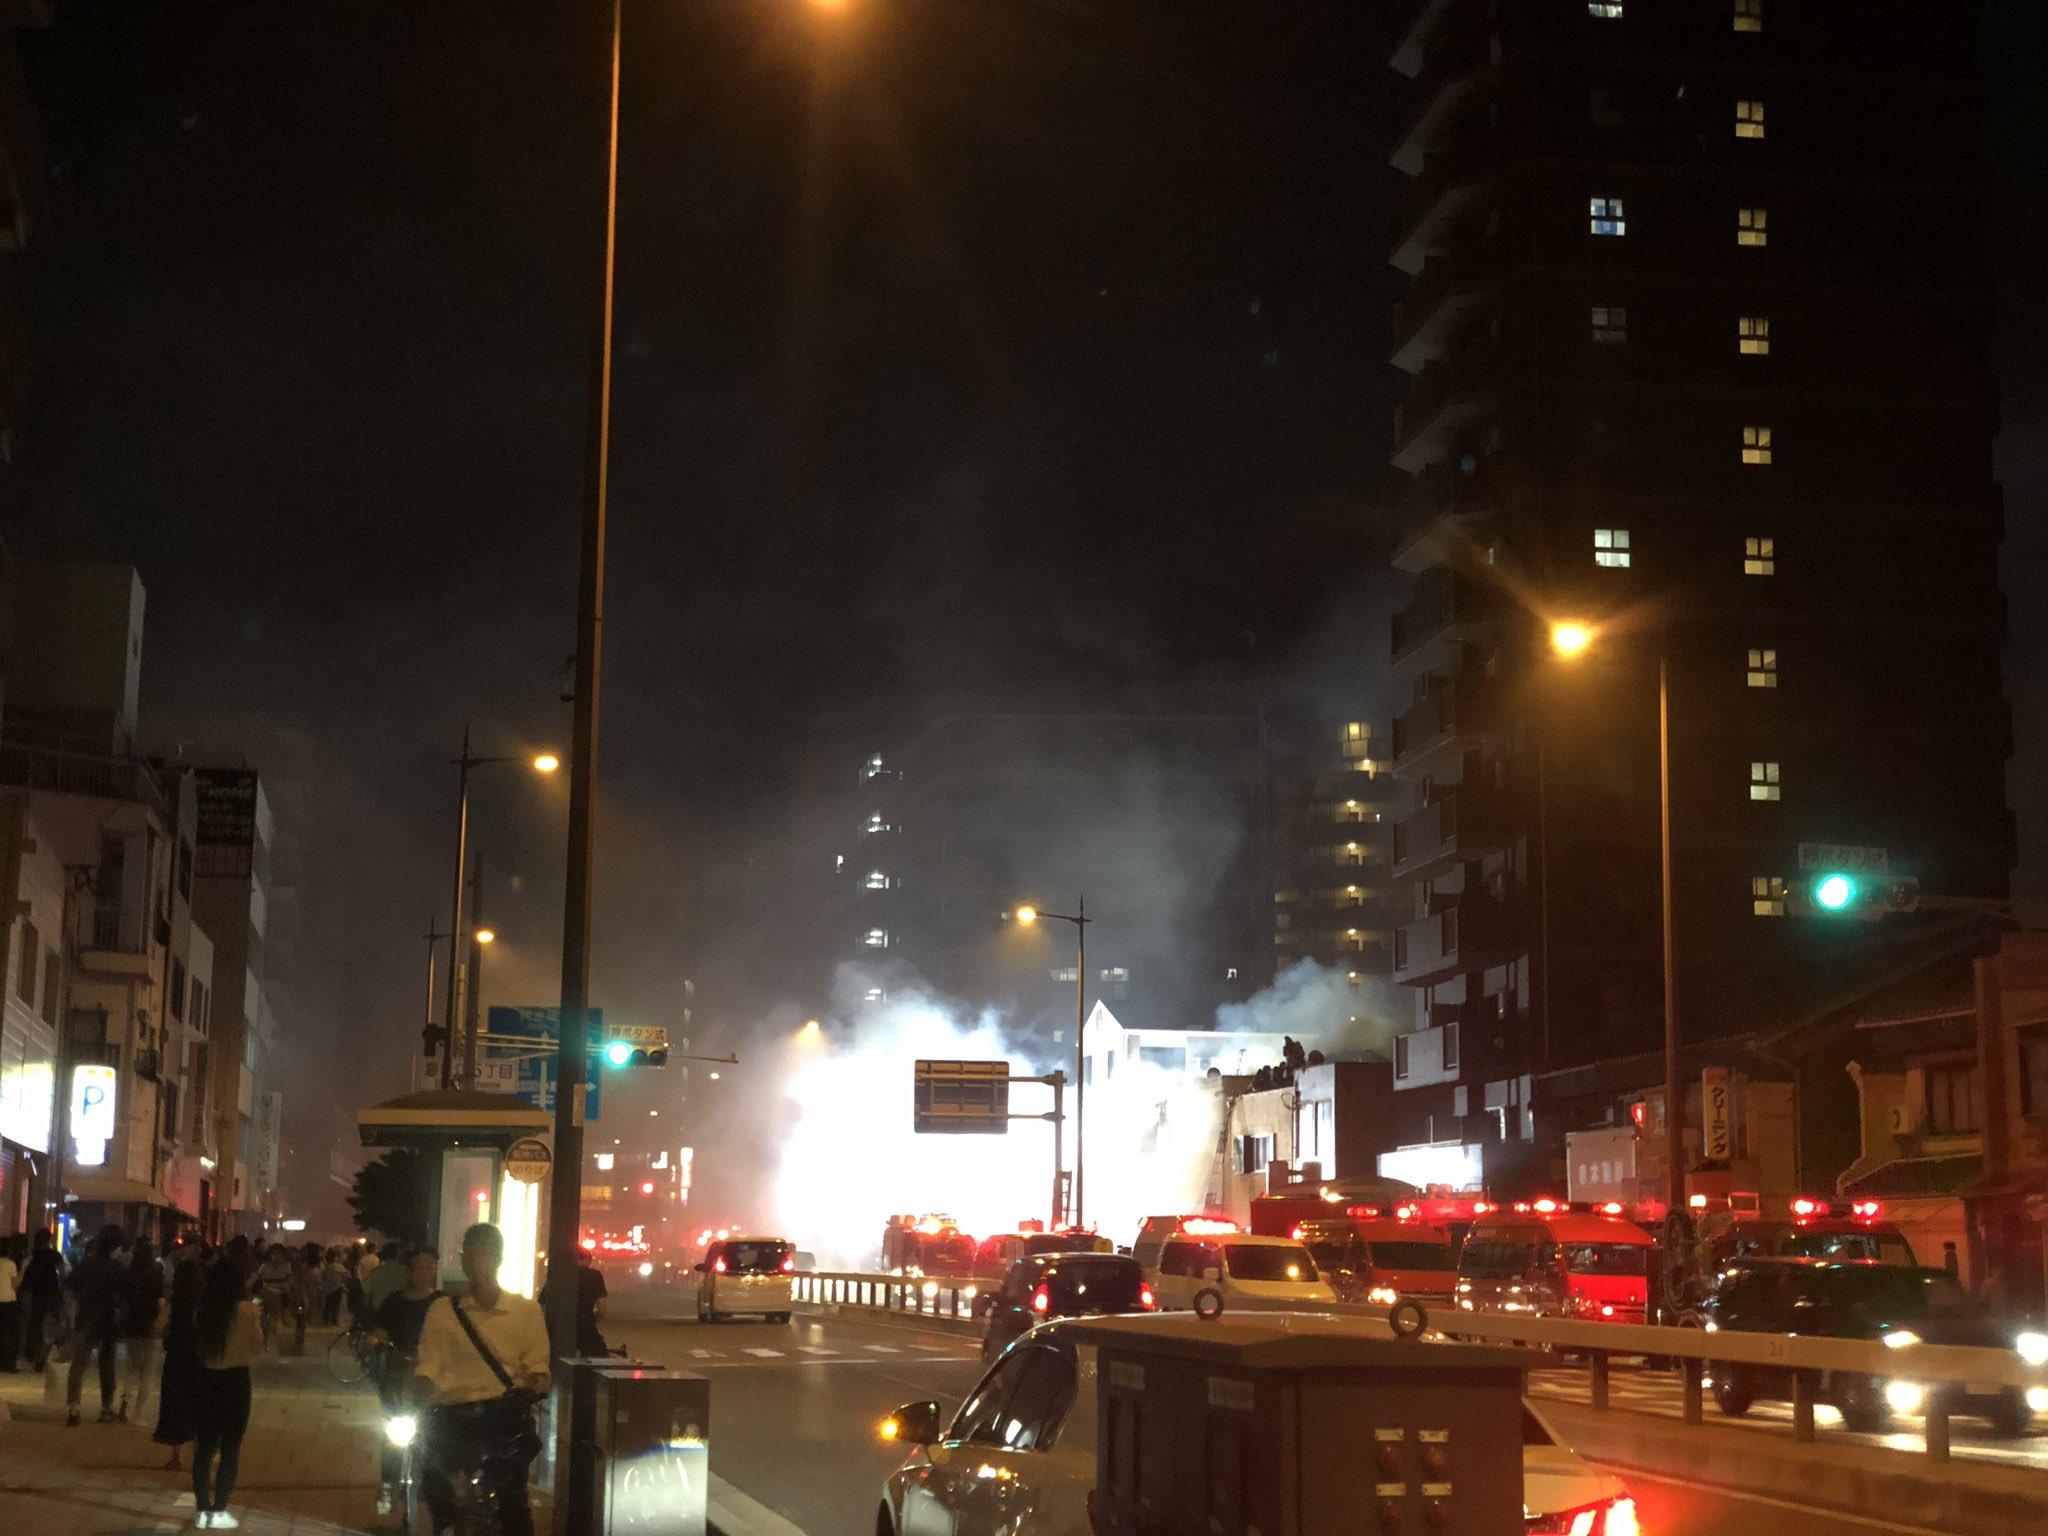 画像,野田〜海老江あたりで火事。20台近くの消防車が.... https://t.co/O6d5CgPPvd。